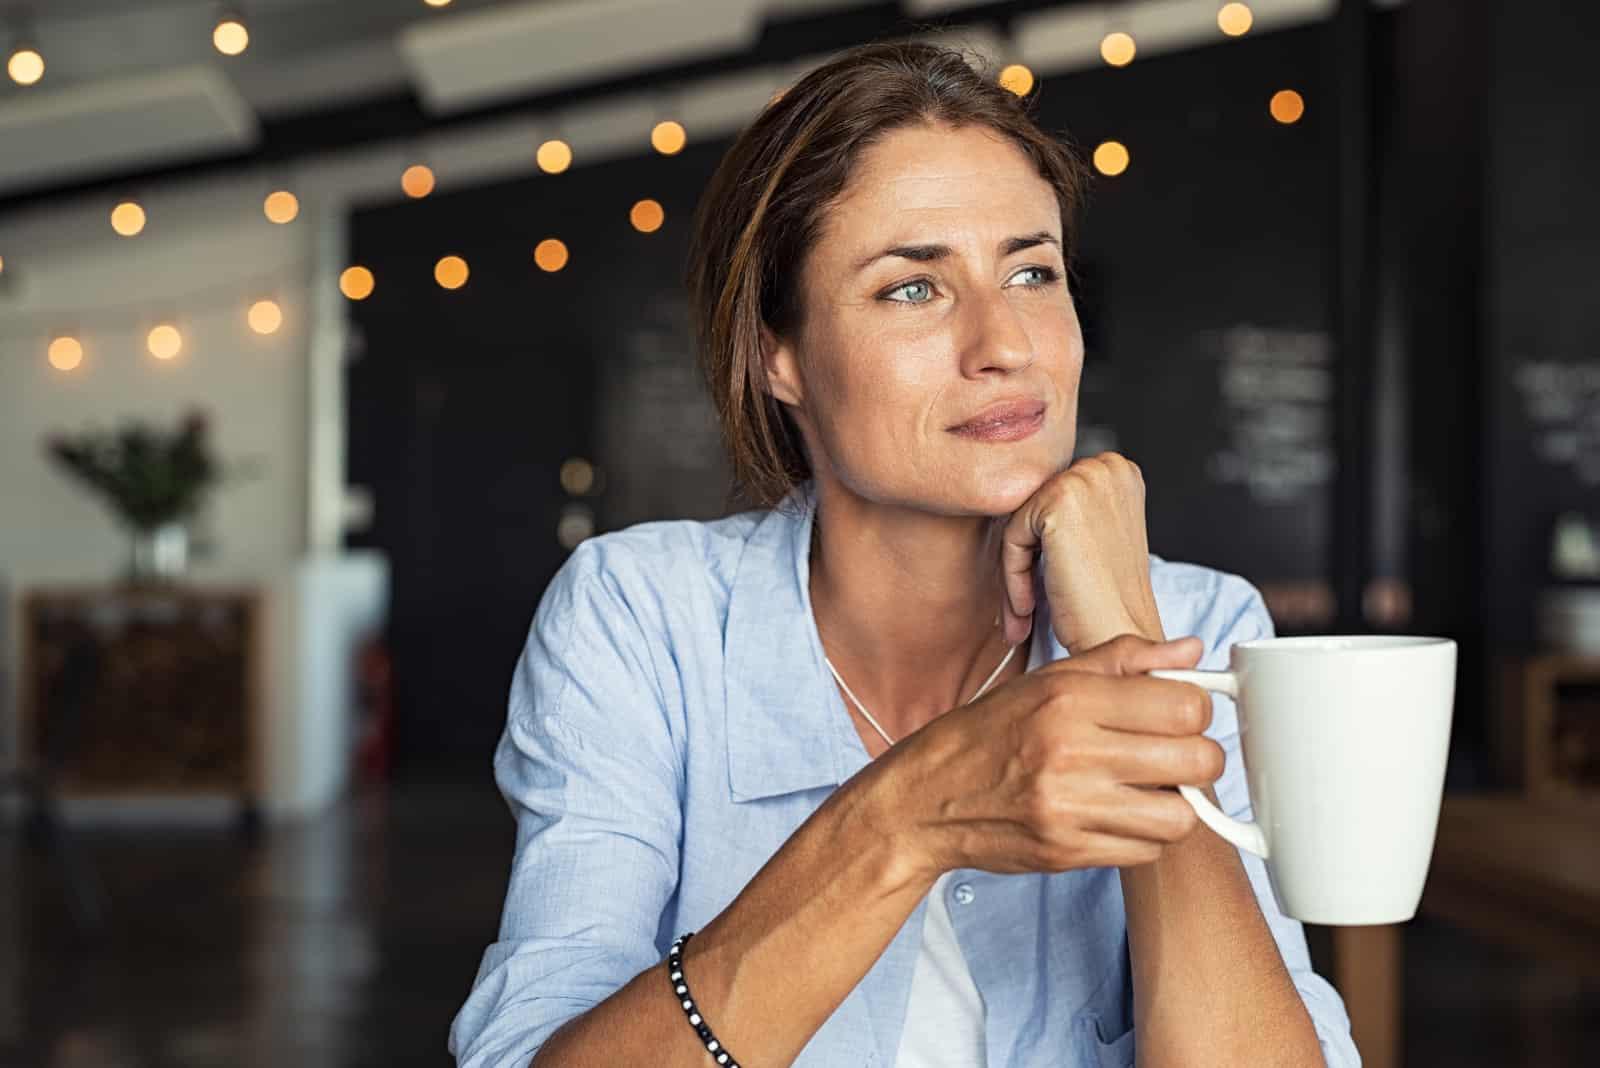 eine imaginäre Frau sitzt und trinkt Kaffee